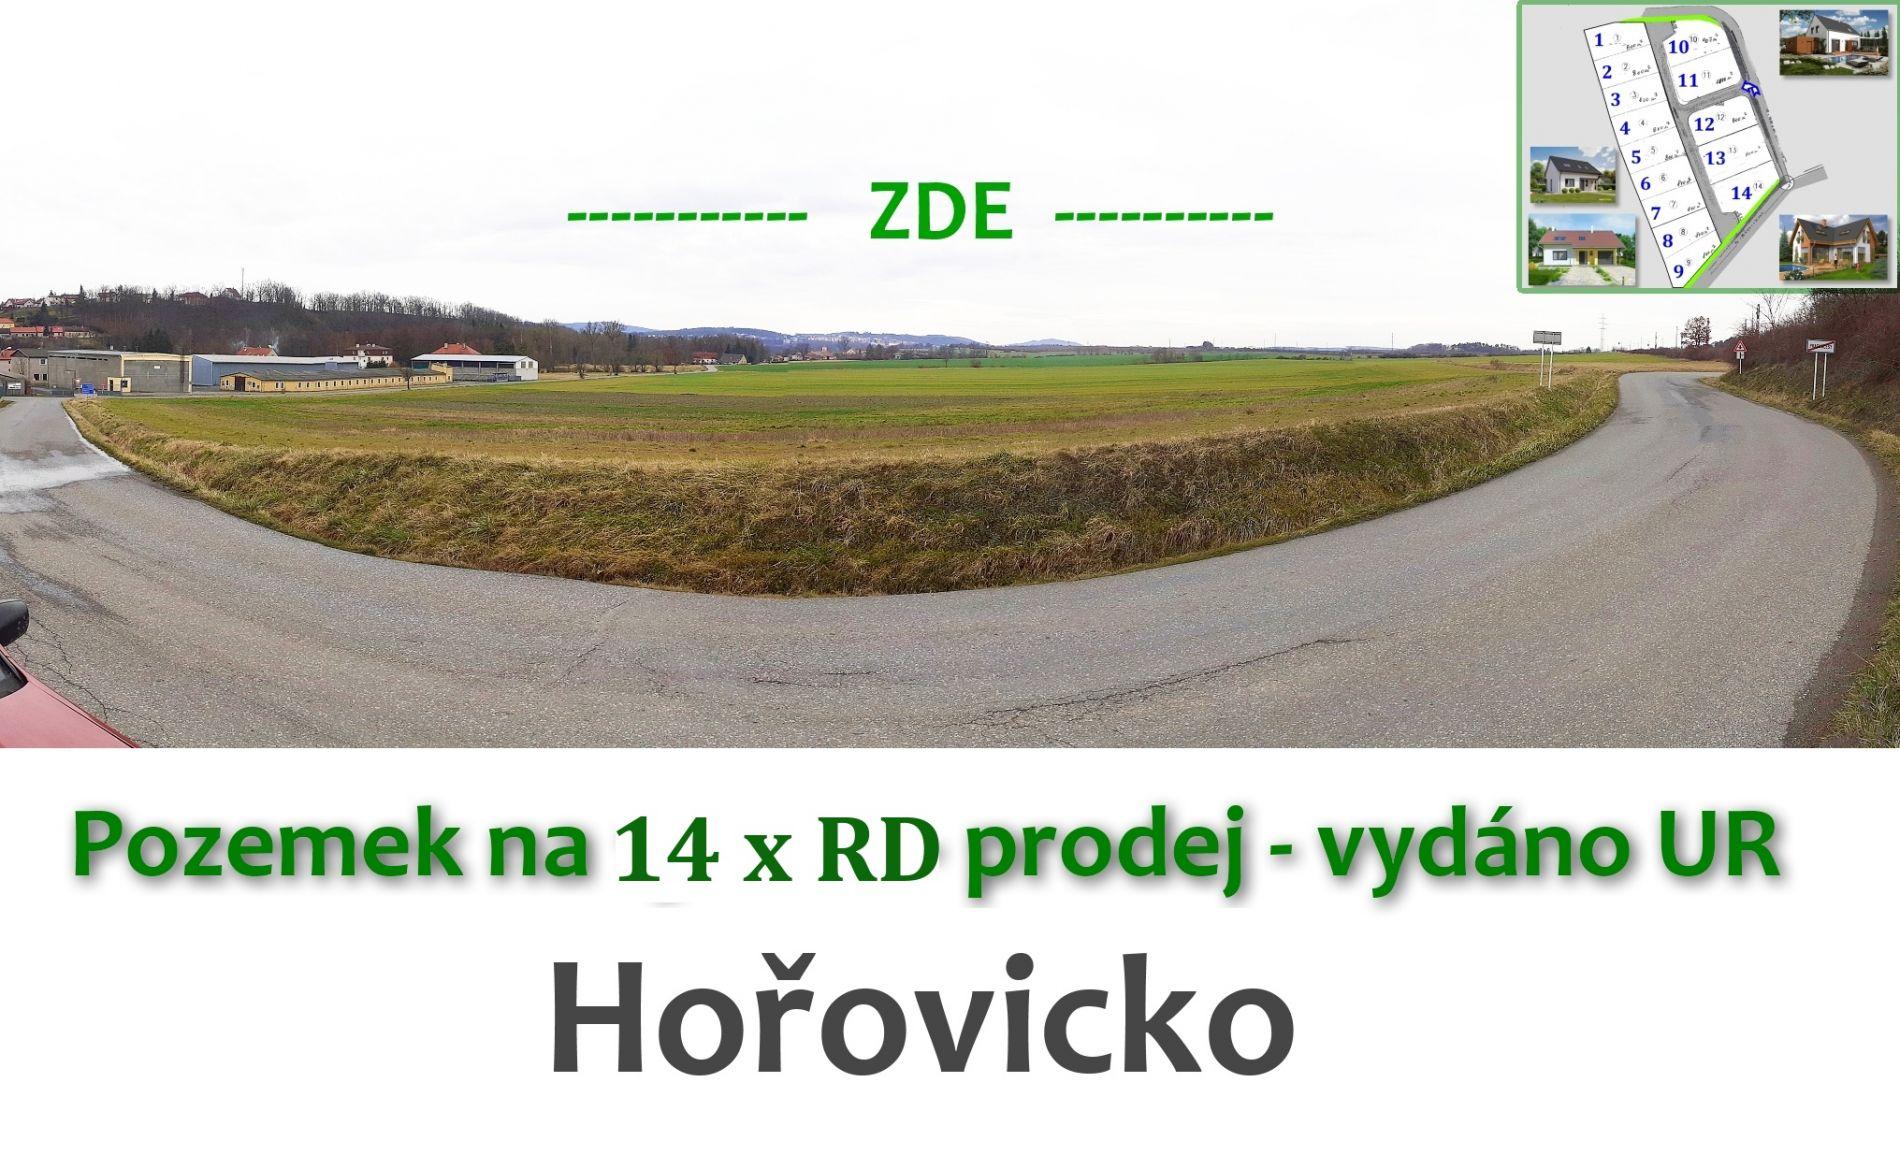 Pozemek s projektem na 14 x RD - Hořovicko (D5)